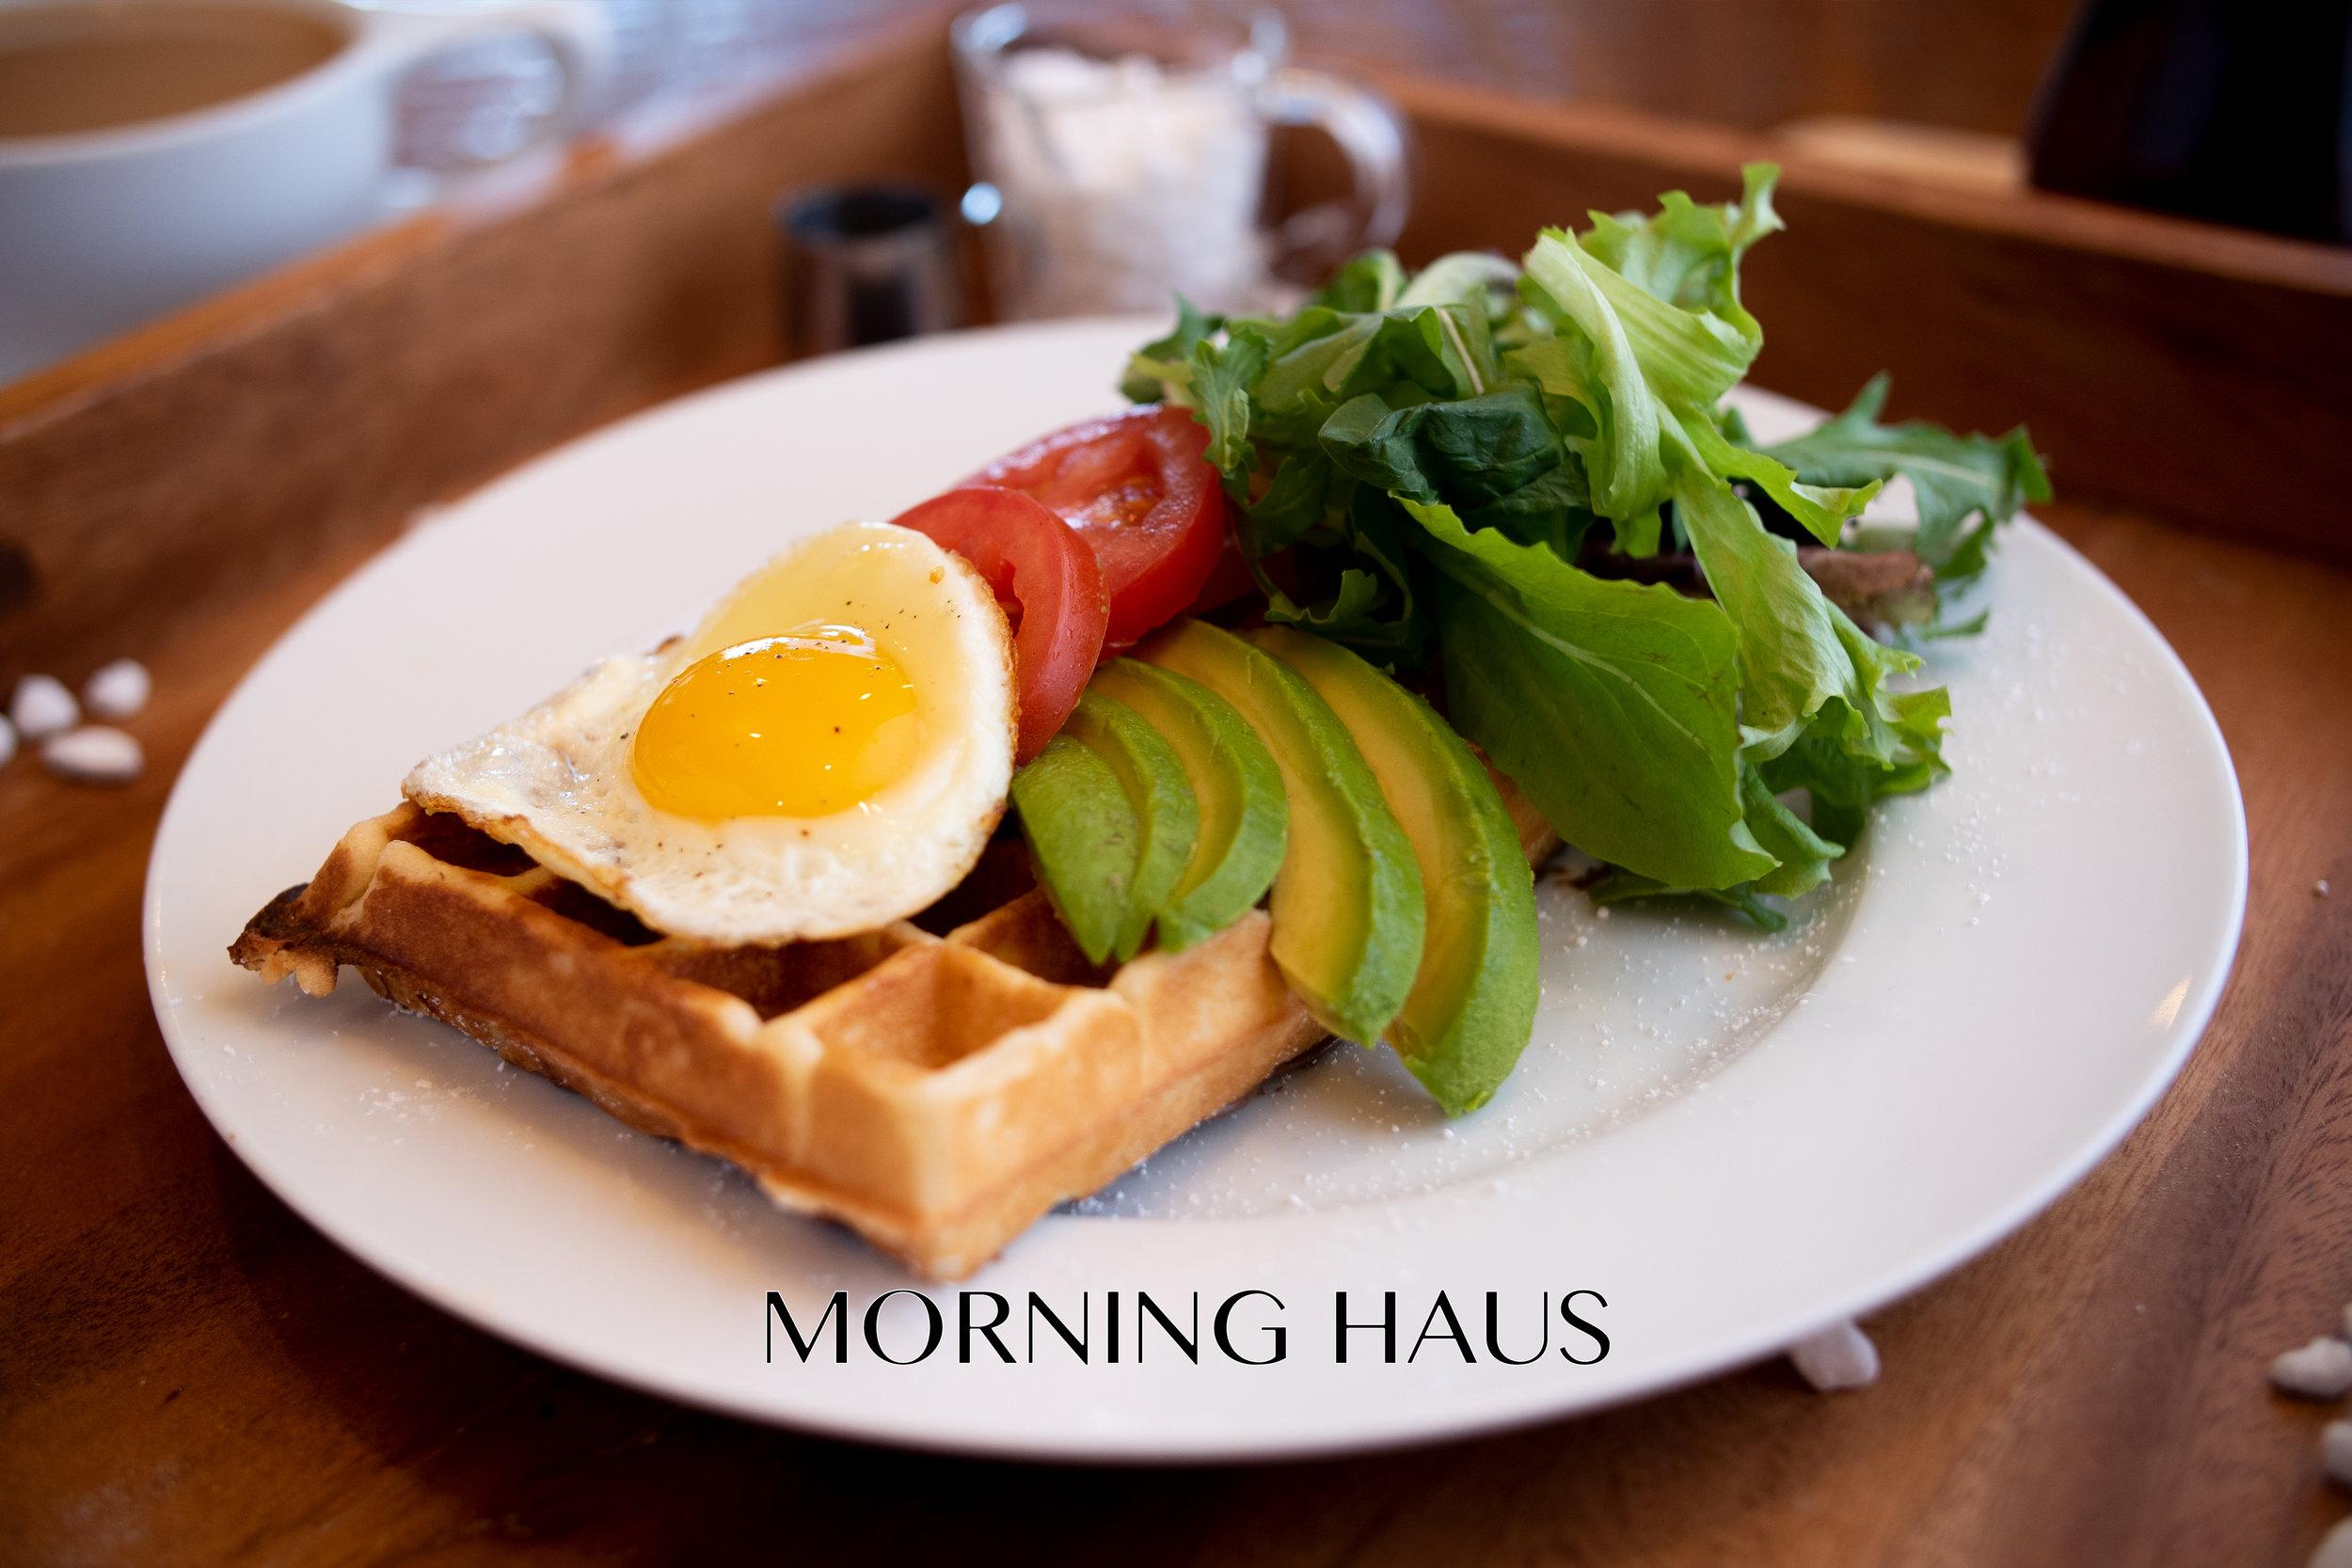 Morning haus.jpg